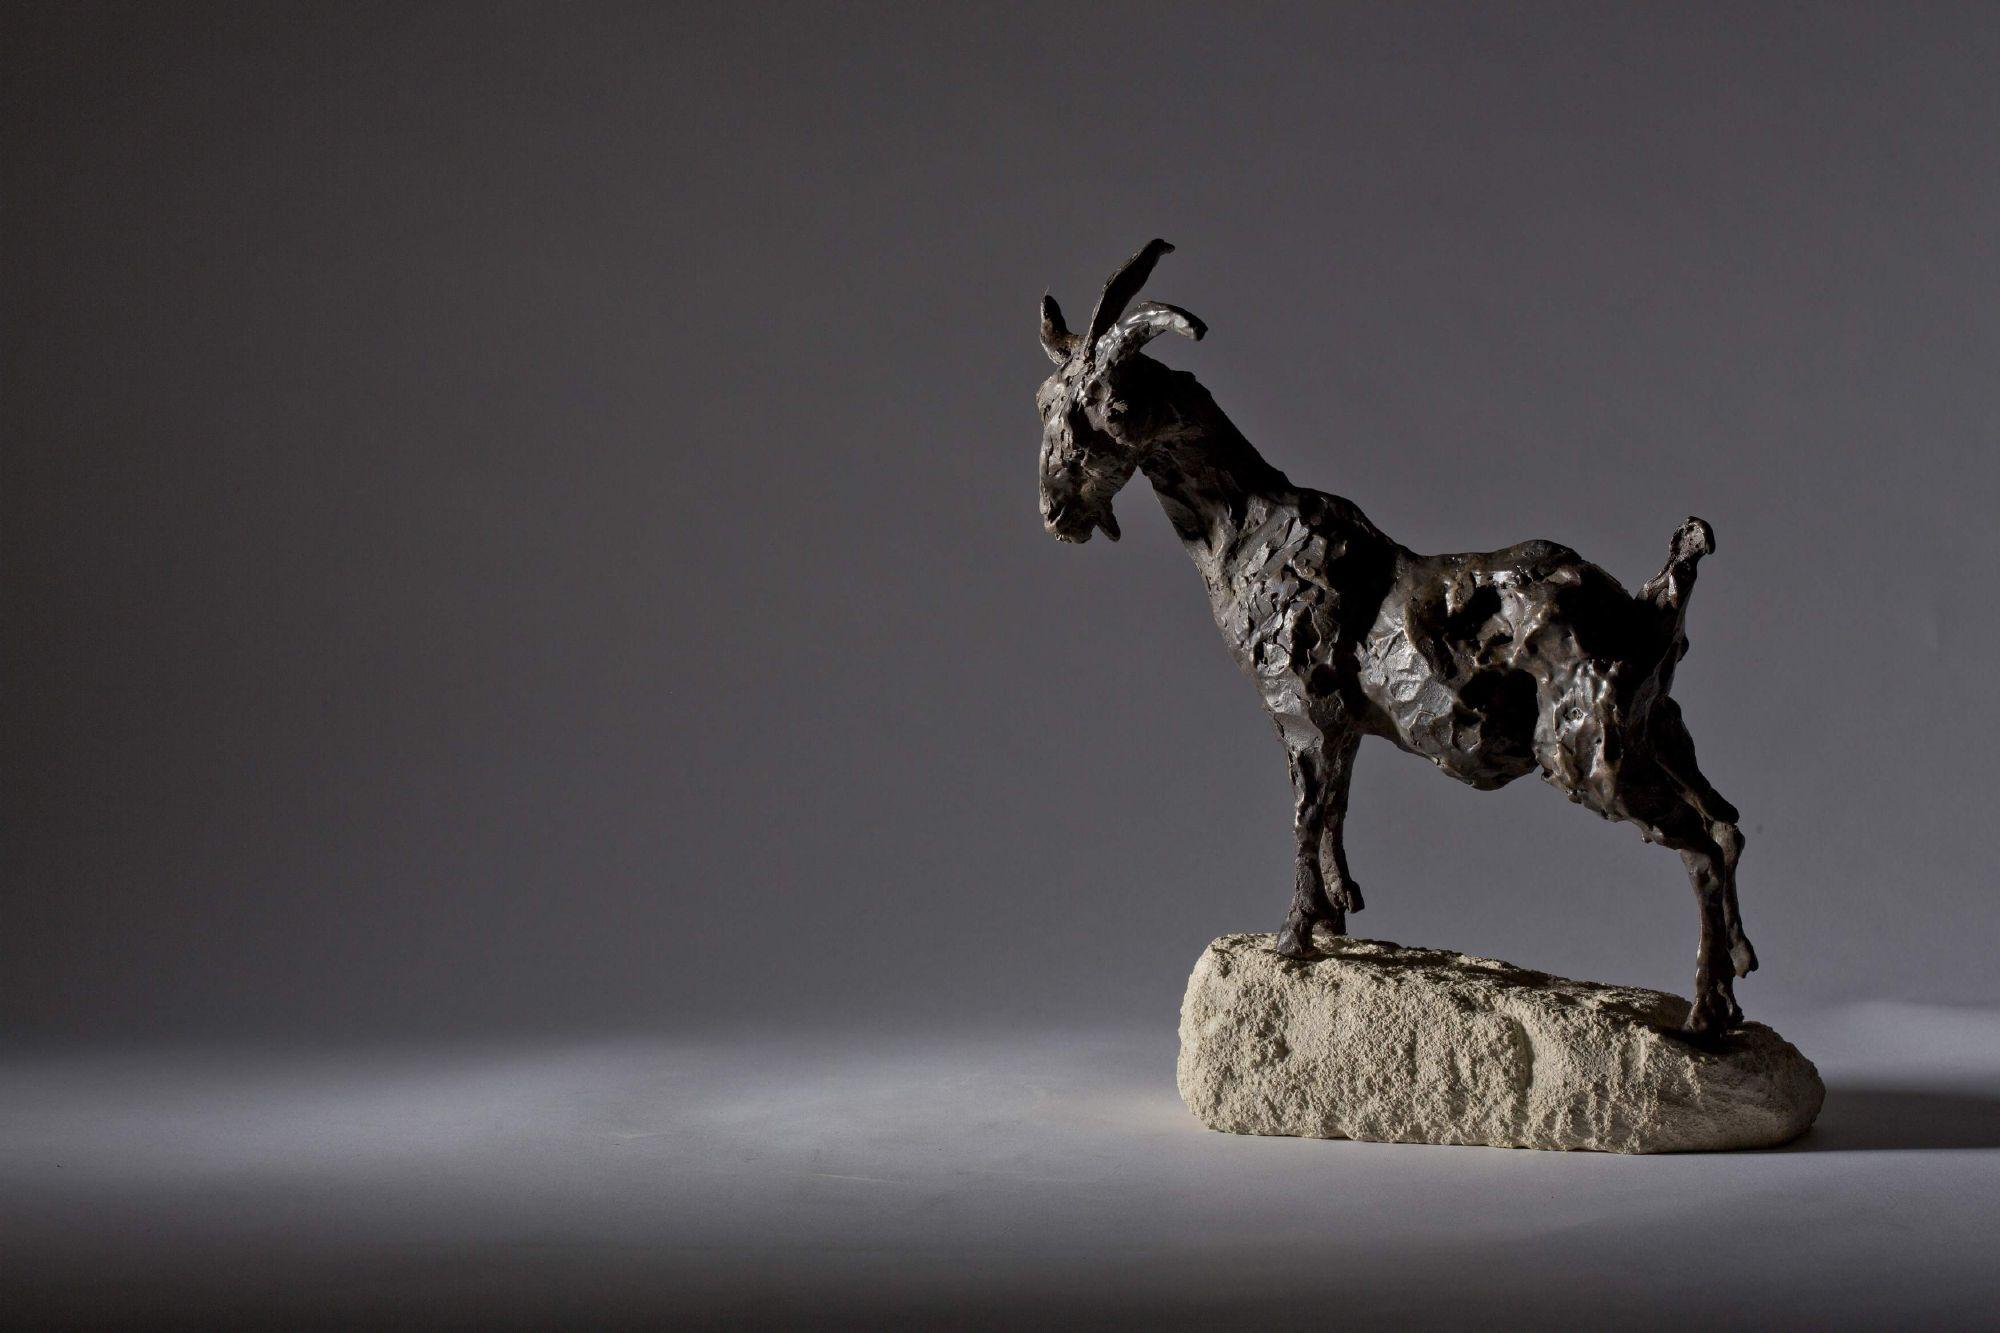 Sculpture - Bronze - Wildlife - Standing Goat 2